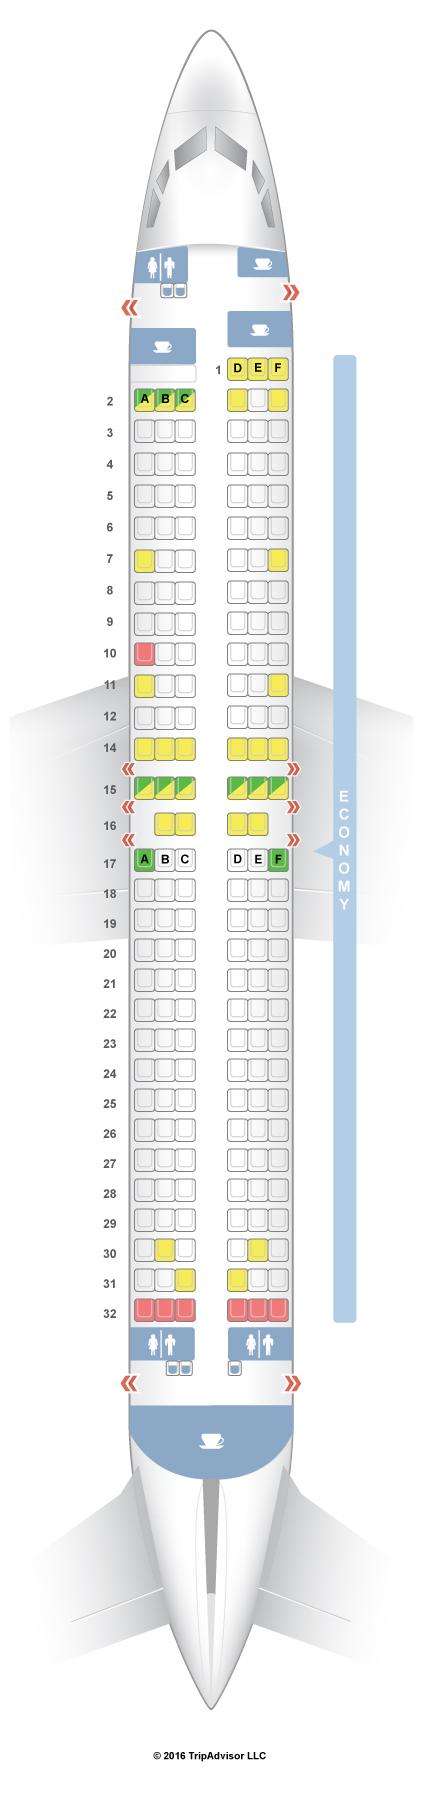 Boeing 737 800 Sitzplan Ryanair - Sitzplan auf Deutsch